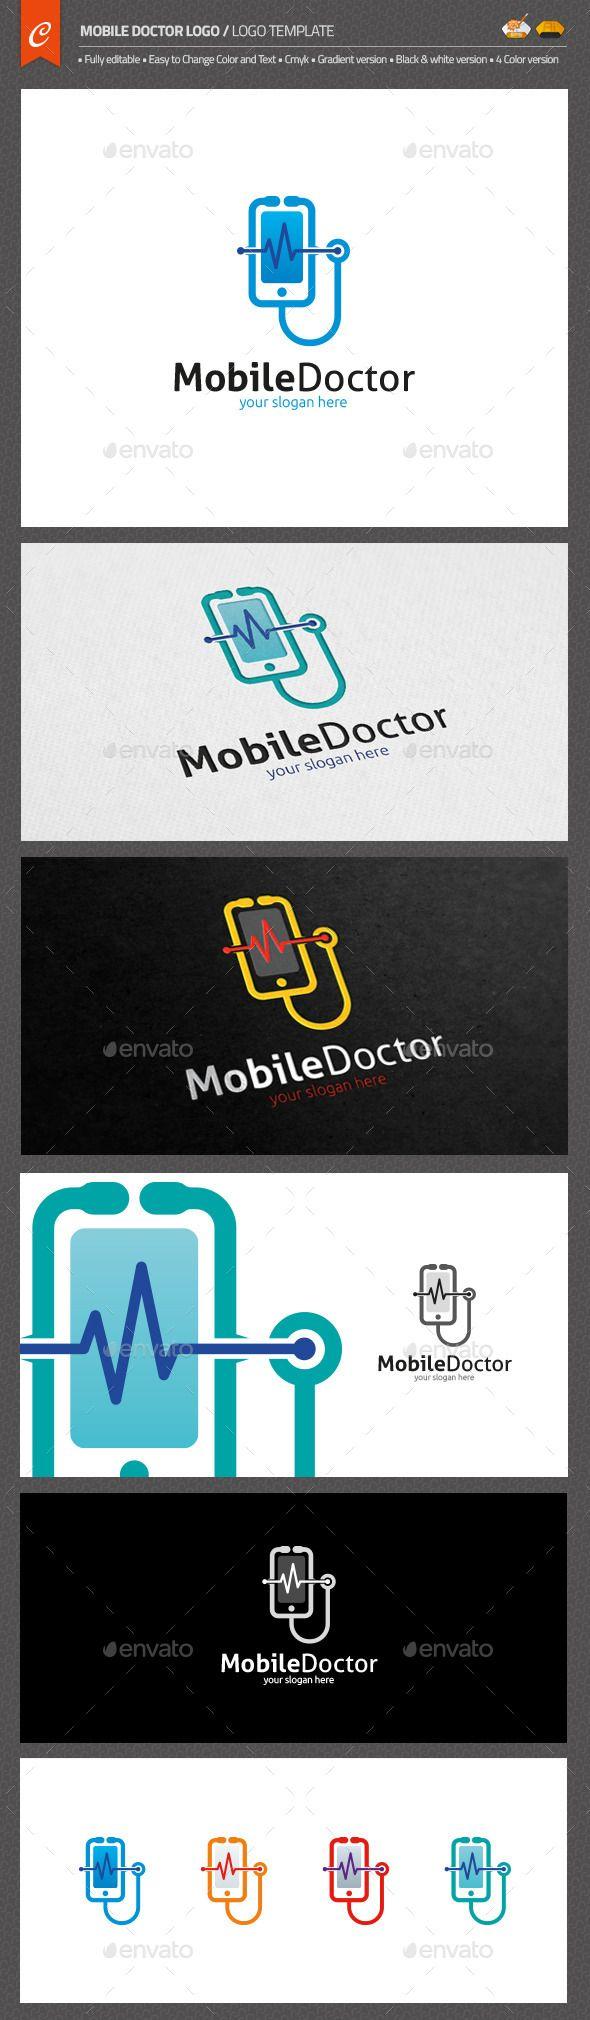 Mobile Doctor Logo 57 best Medical logo